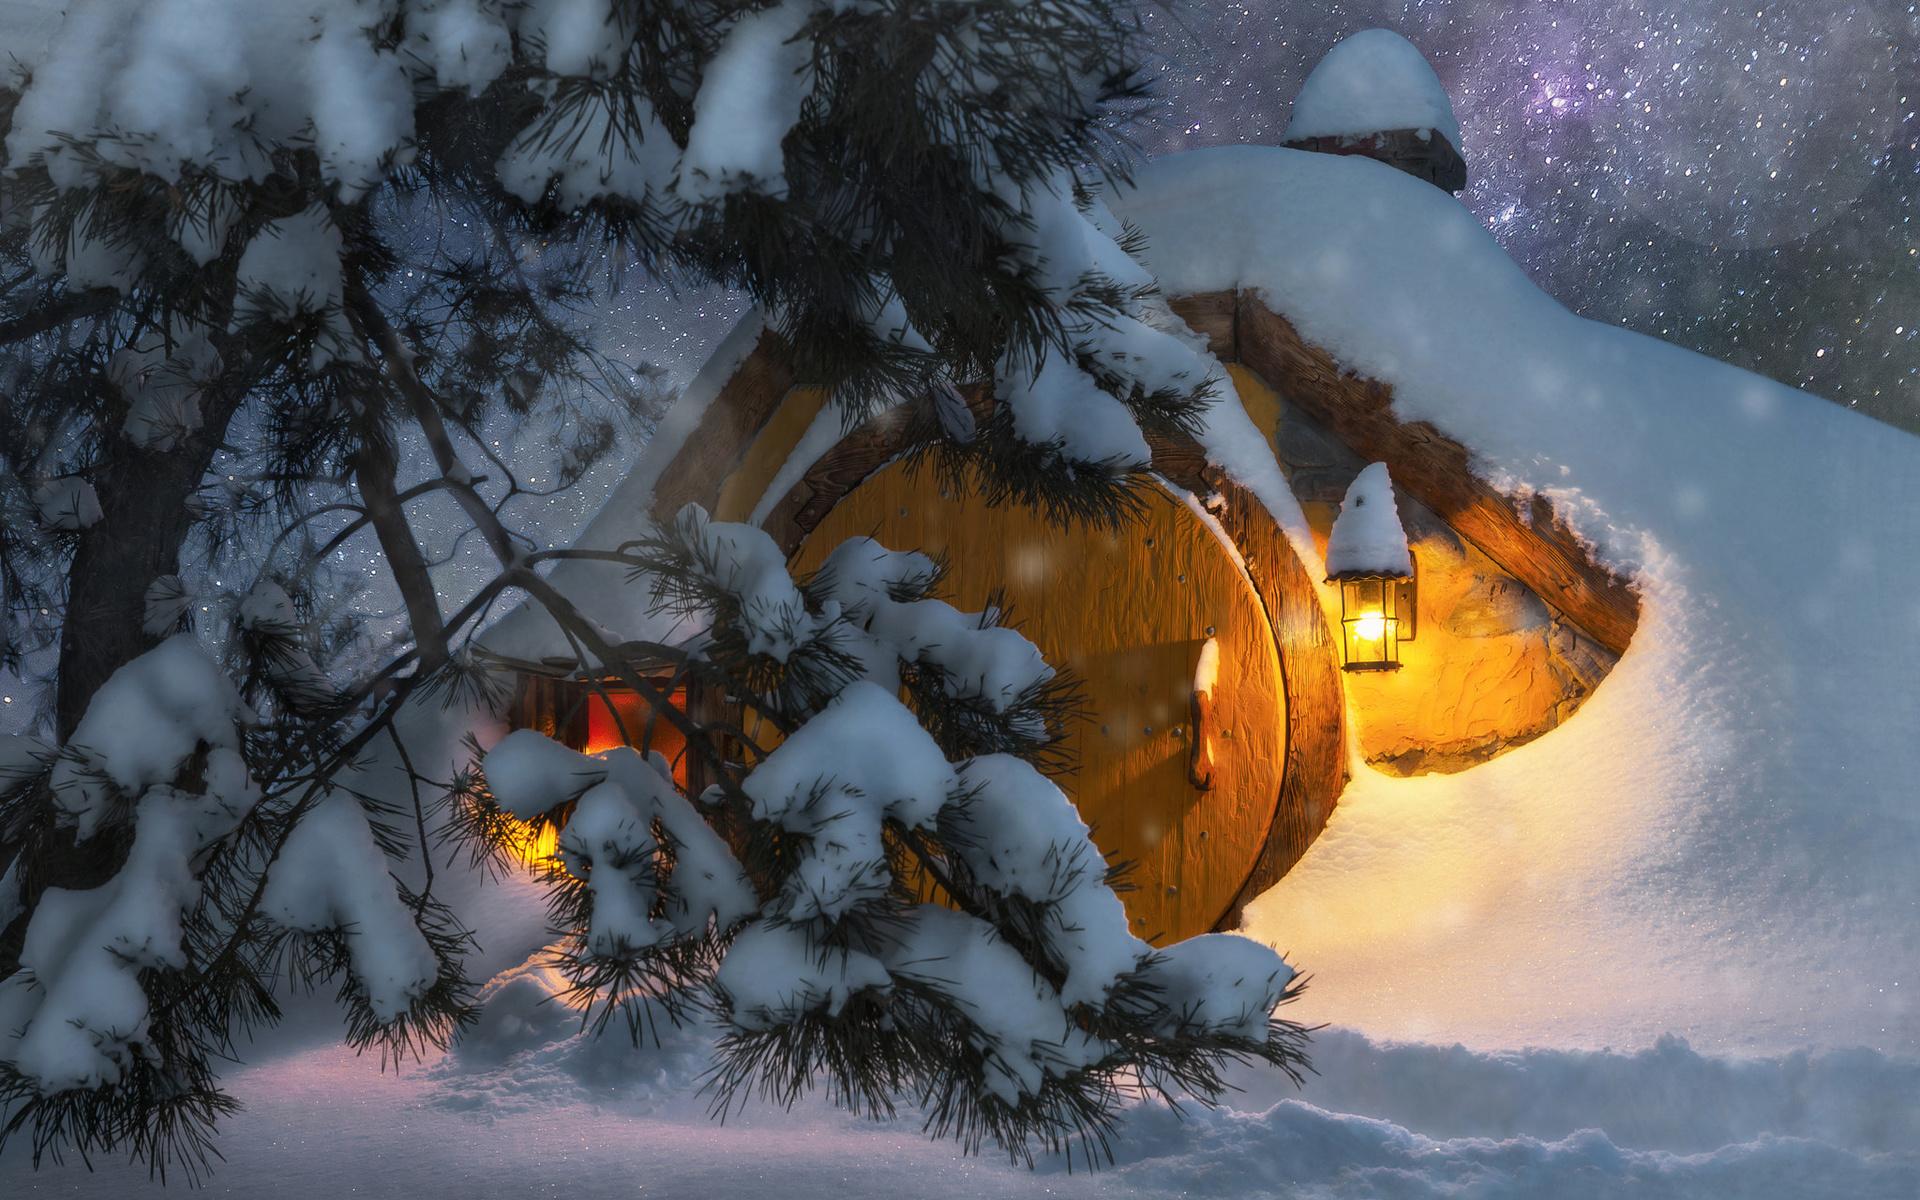 зима, свет, снег, деревья, природа, фонари, сосны, тропинка, жилище, хоббит, andrey chabrov, землянка, небо, звёзды, ночь